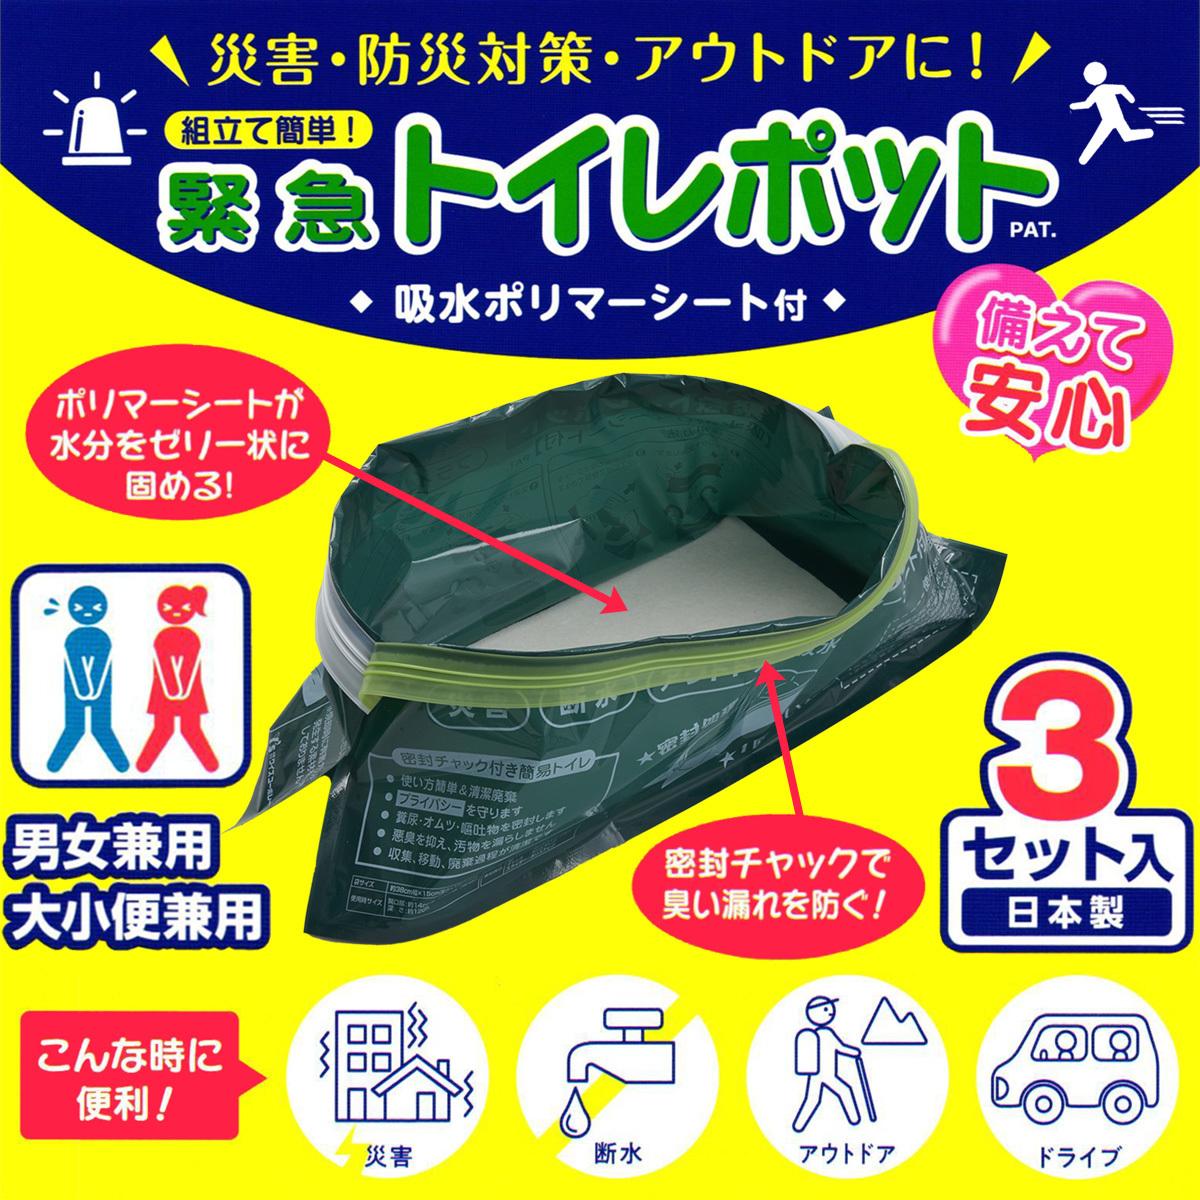 緊急トイレポット 3セット入‐簡易トイレ 非常用 断水 災害 携帯トイレ 防災 日本製 排泄処理袋 凝固剤付 アウトドア